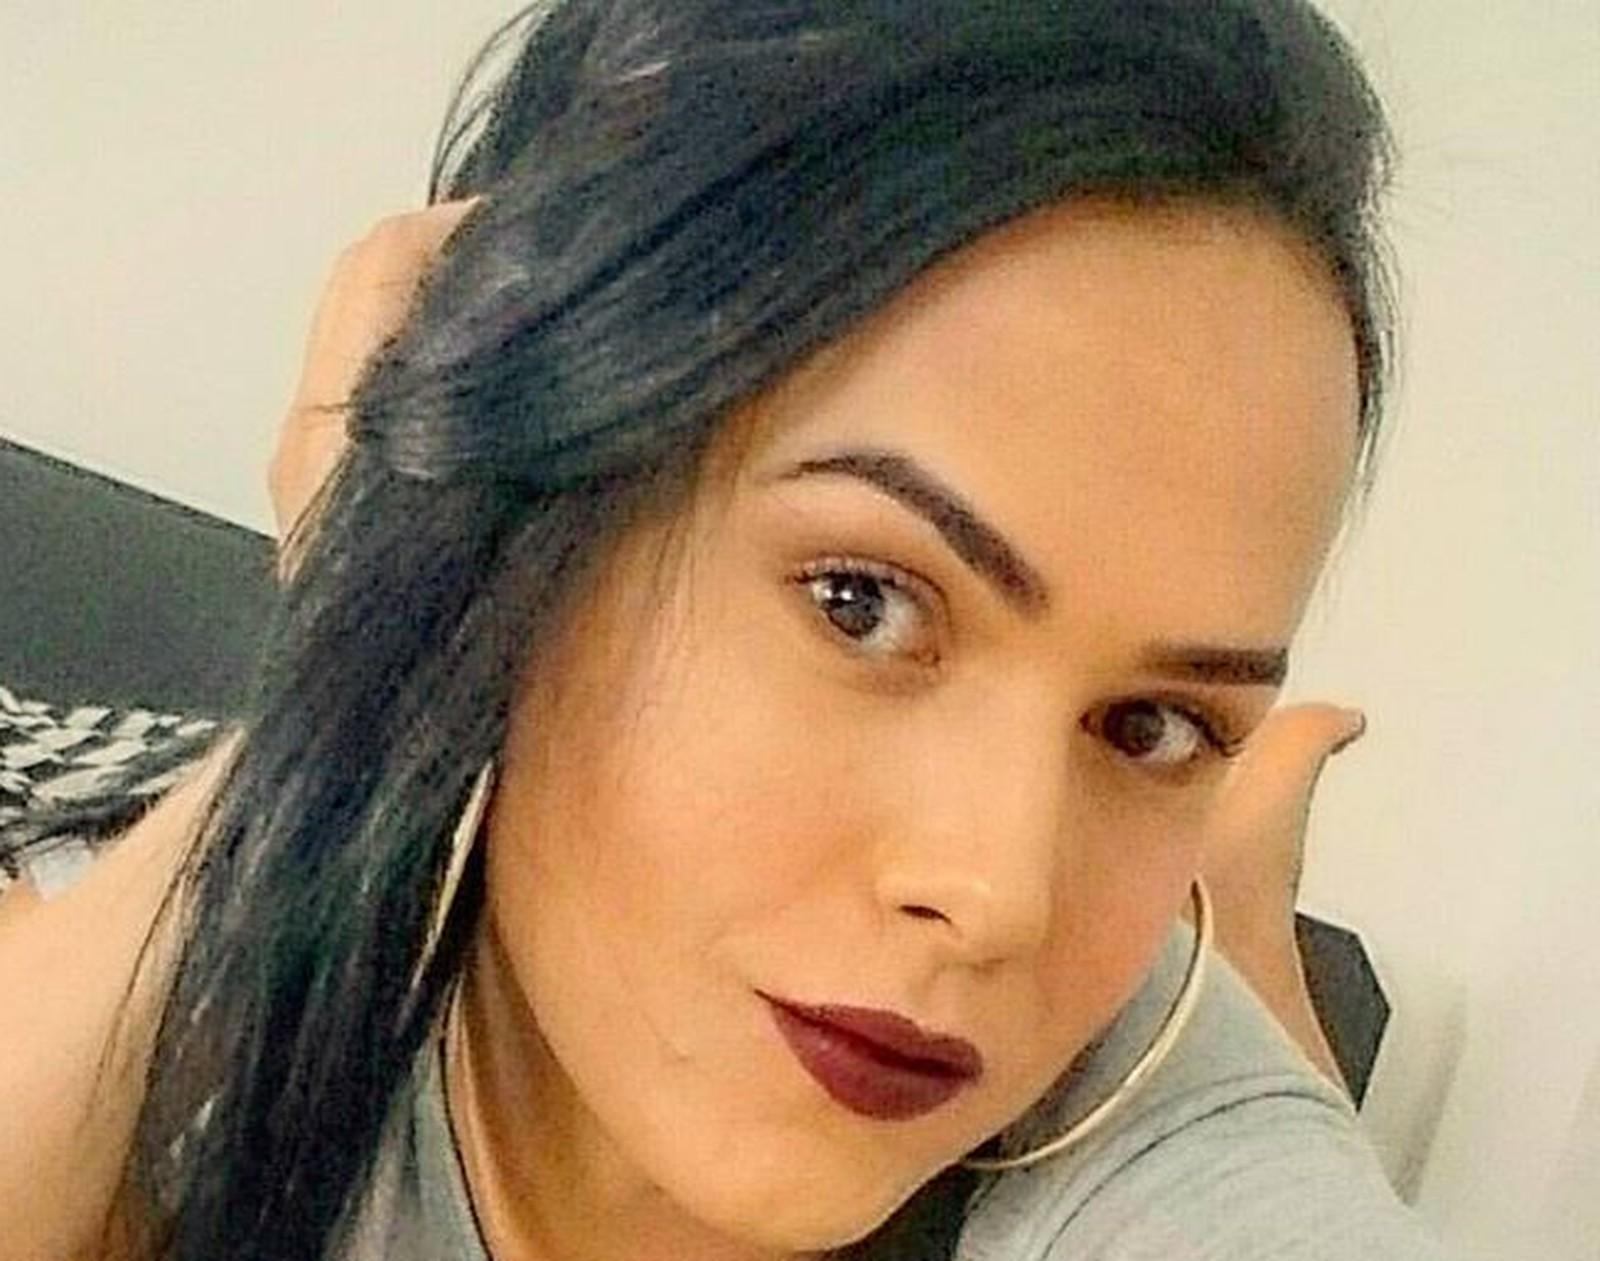 'Humilhada', diz transexual impedida de abrir crediário em loja com nome social